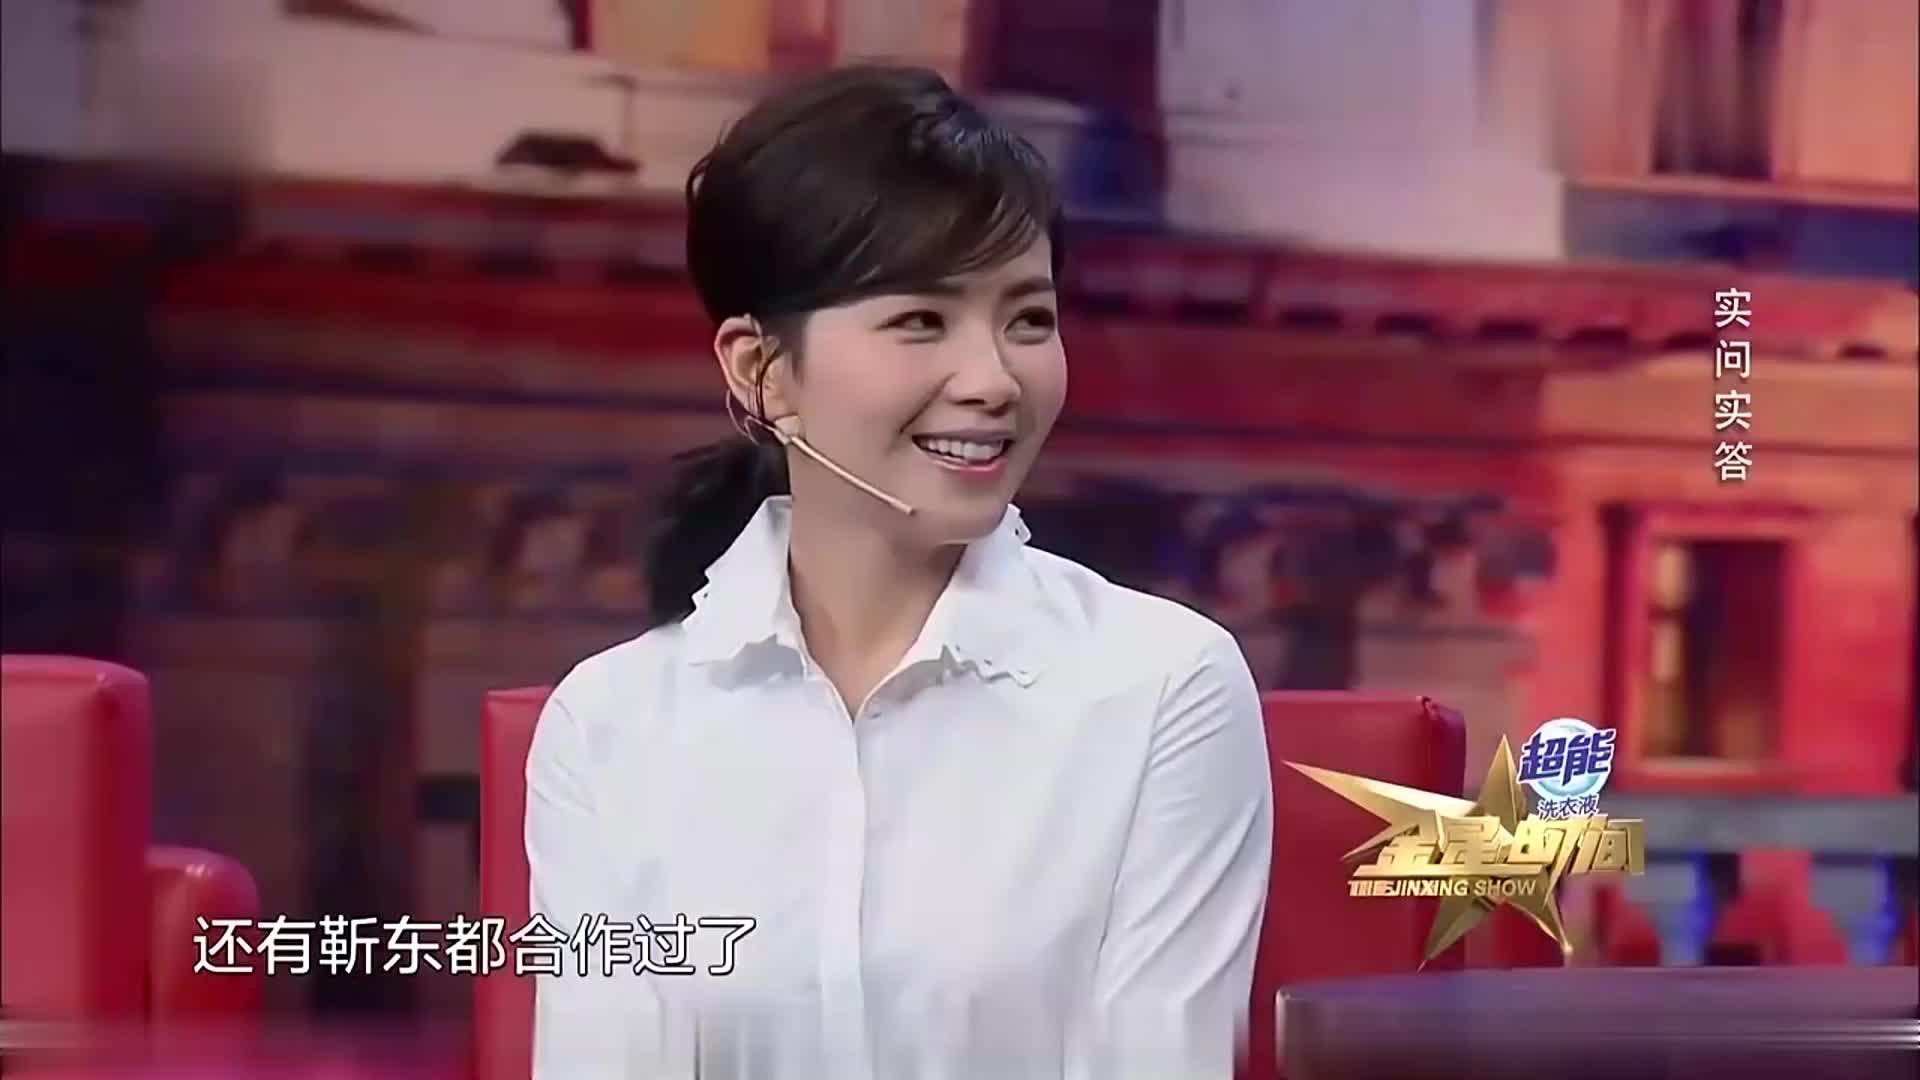 金星秀:刘涛真有勇气,和先生王珂认识20天就闪婚,厉害了!